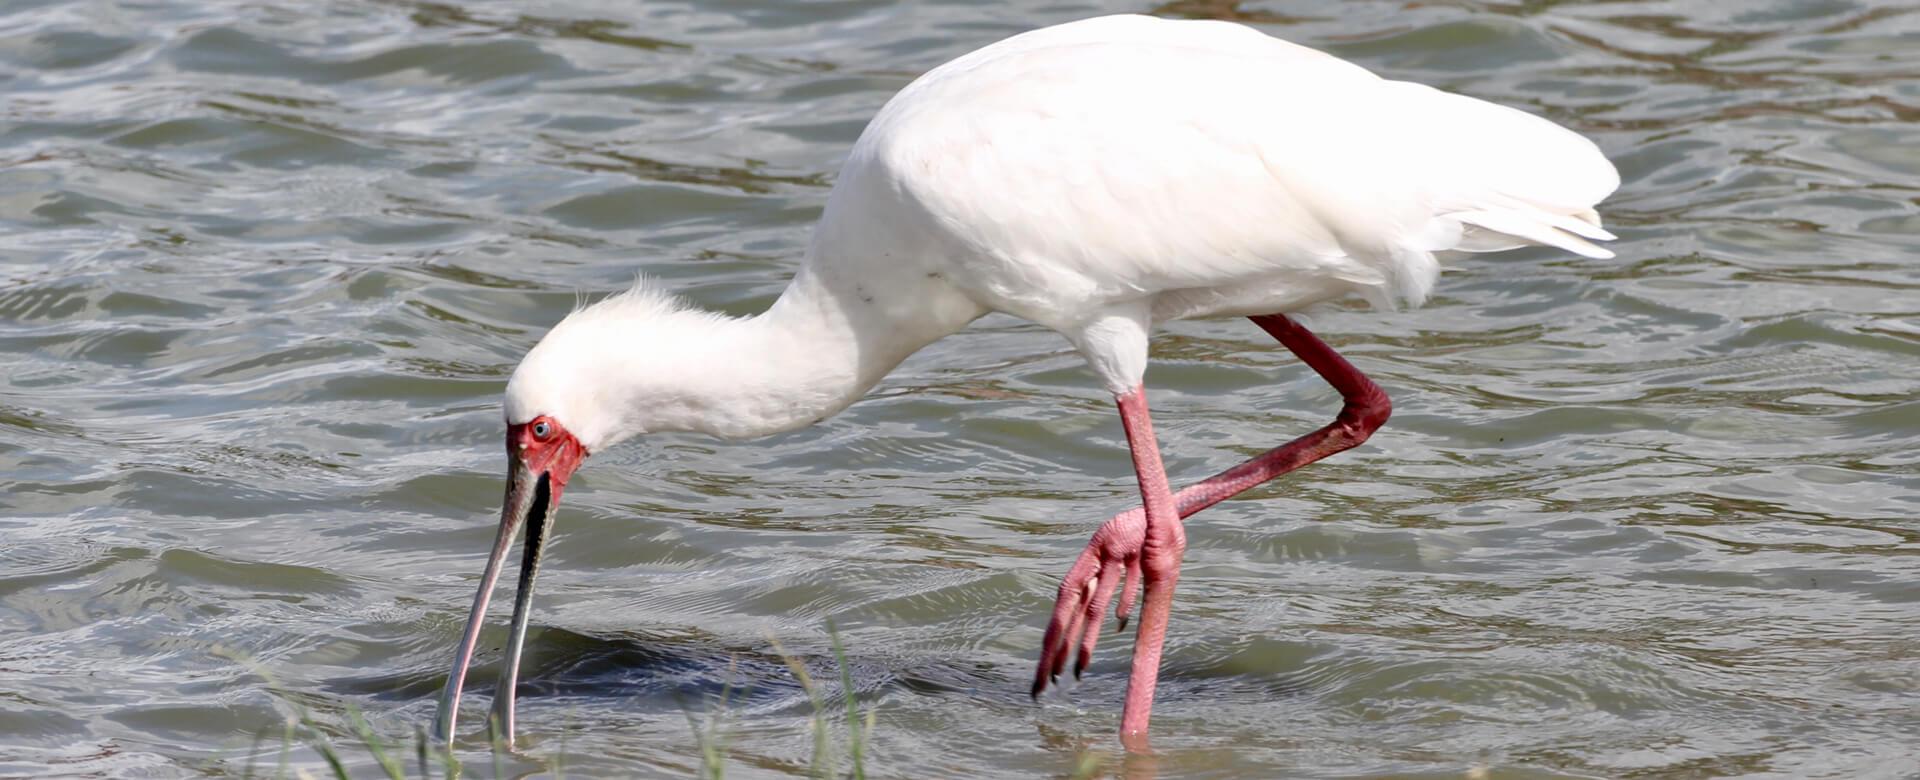 Upepo Safari - Stork